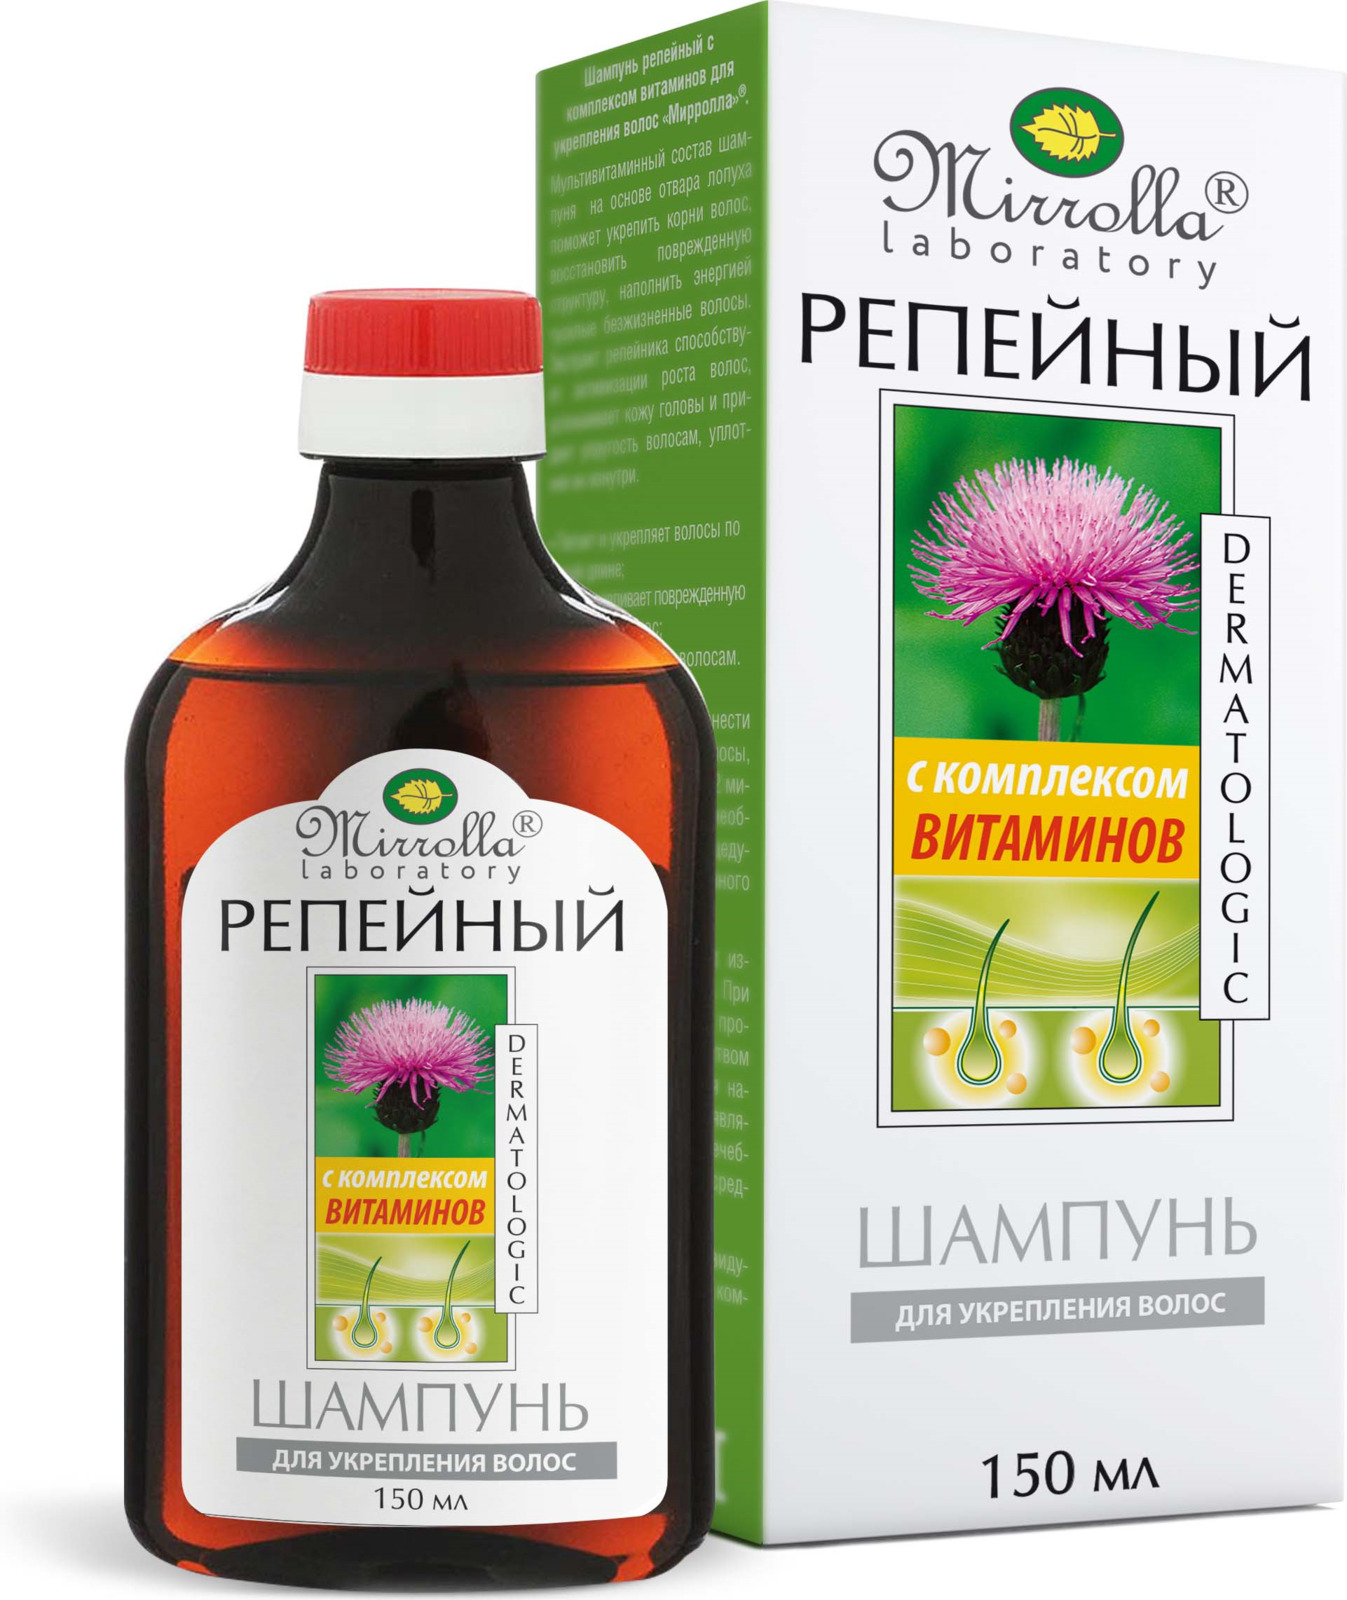 Мирролла Шампунь репейный с комплексом витаминов для укрепления волос 150 мл